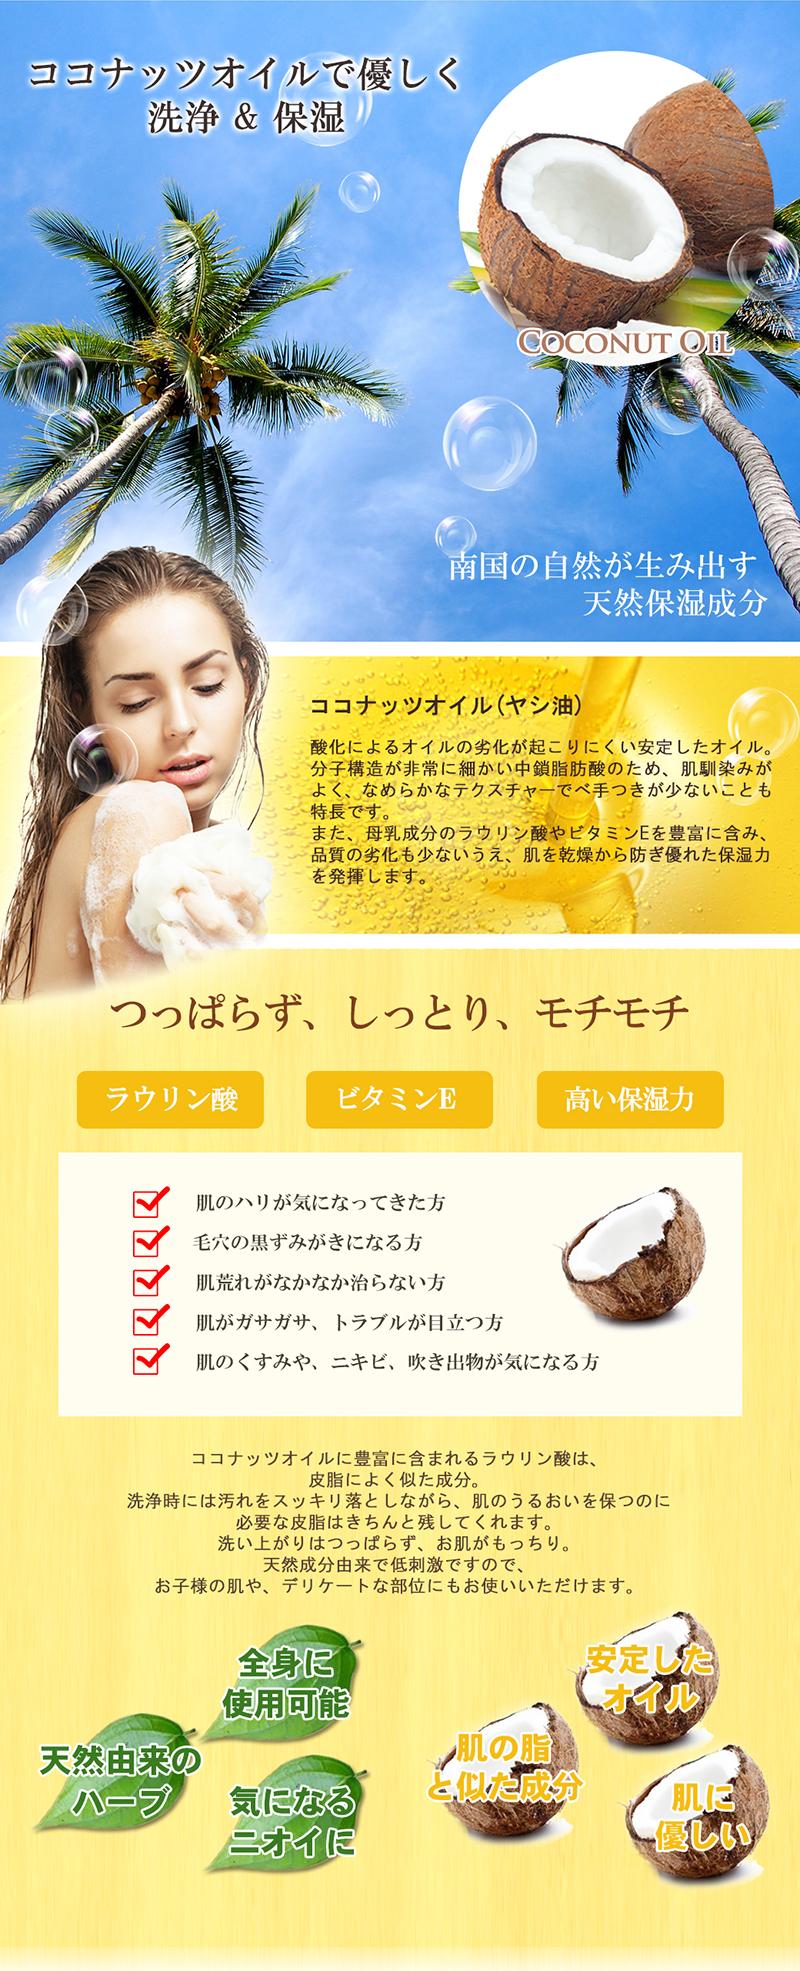 ココナッツオイルで優しく洗浄と保湿